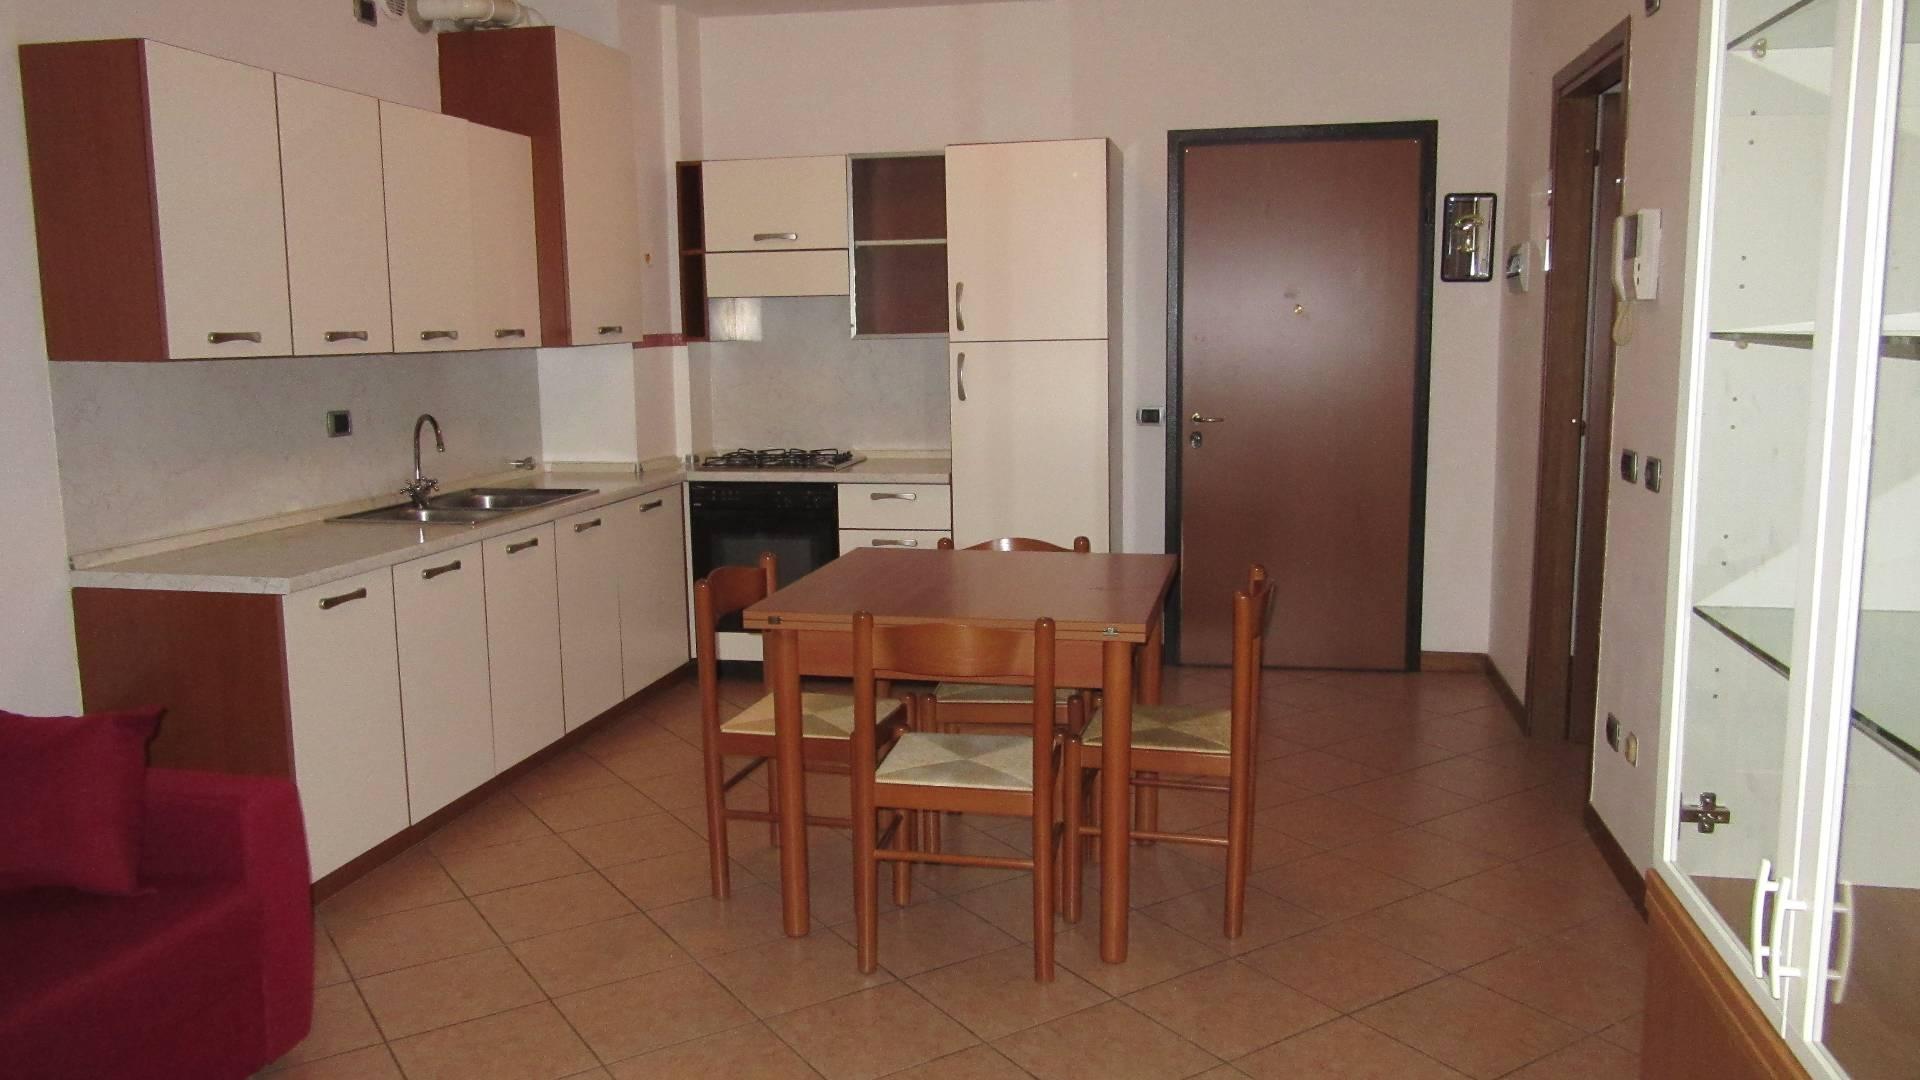 Angolo Cottura Con Muretto : Soggiorno con angolo cottura moderno trendy soggiorno con angolo